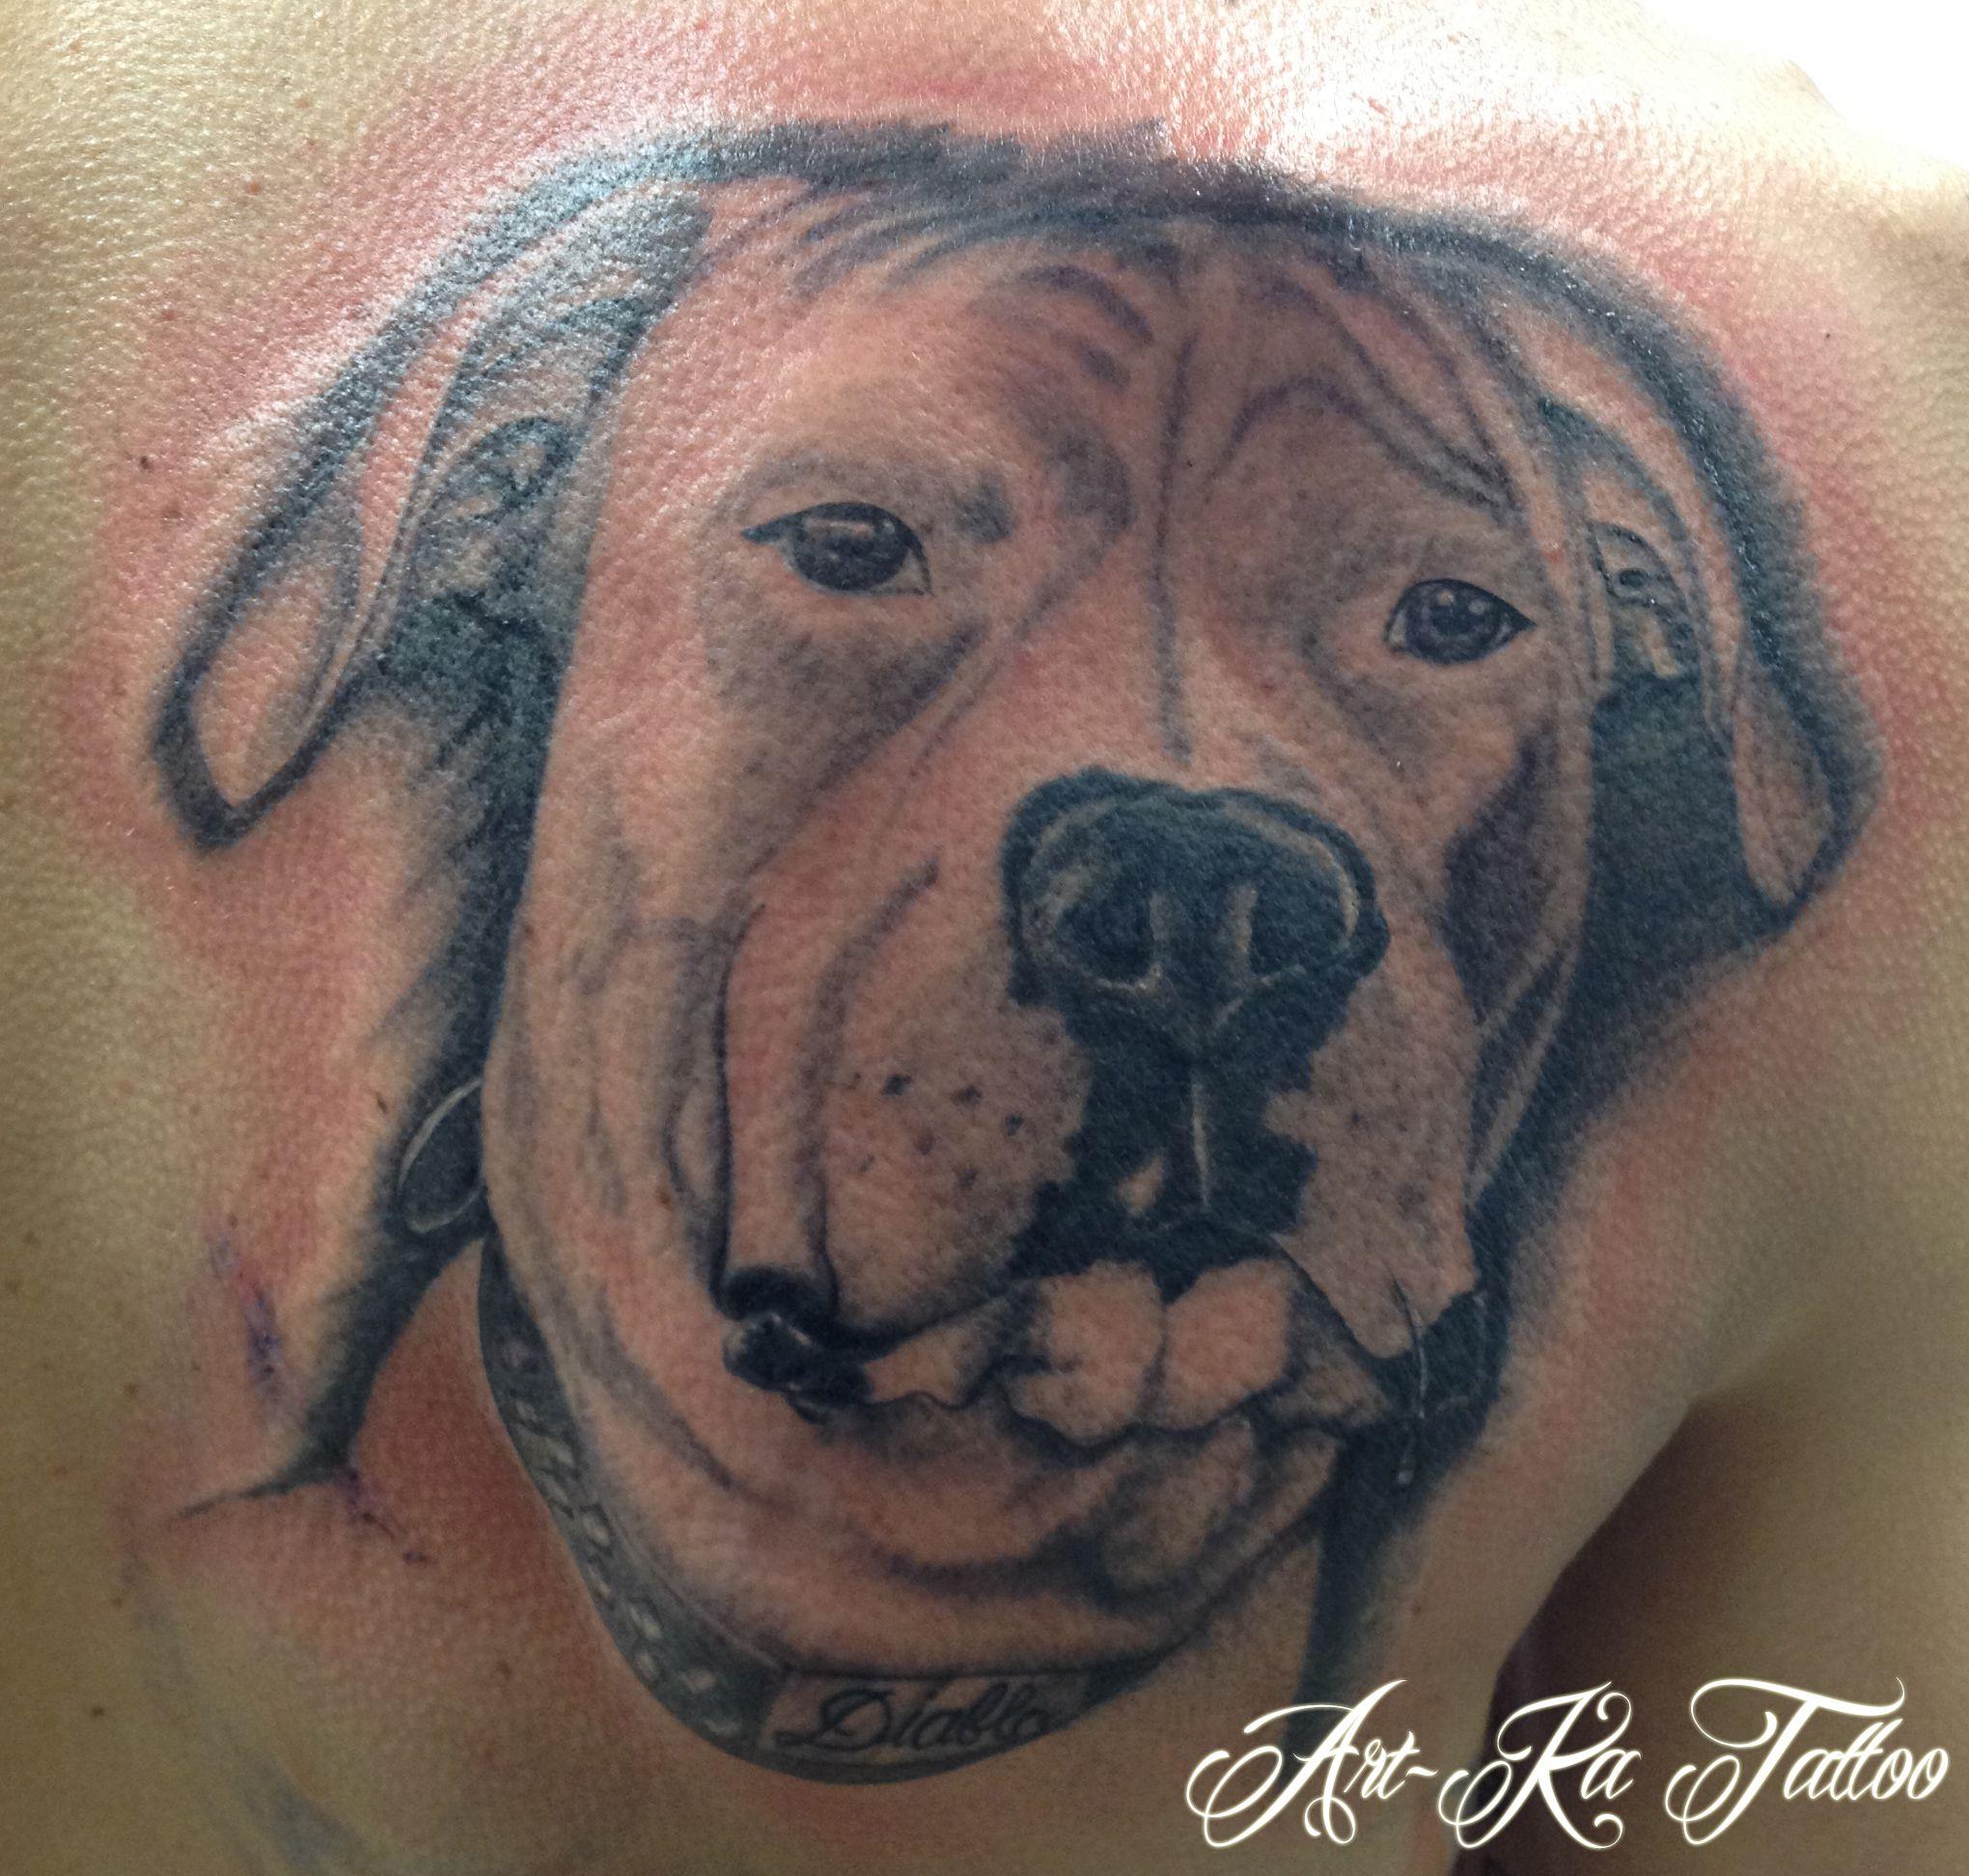 Realistico Dog Tattoo Cane Tattoo Cane Tatuaggio Dogo Argentino Tattoo Tattoo Bianco E Nero Animali Tattoo Dogo Argentino Animal Tattoo Animals